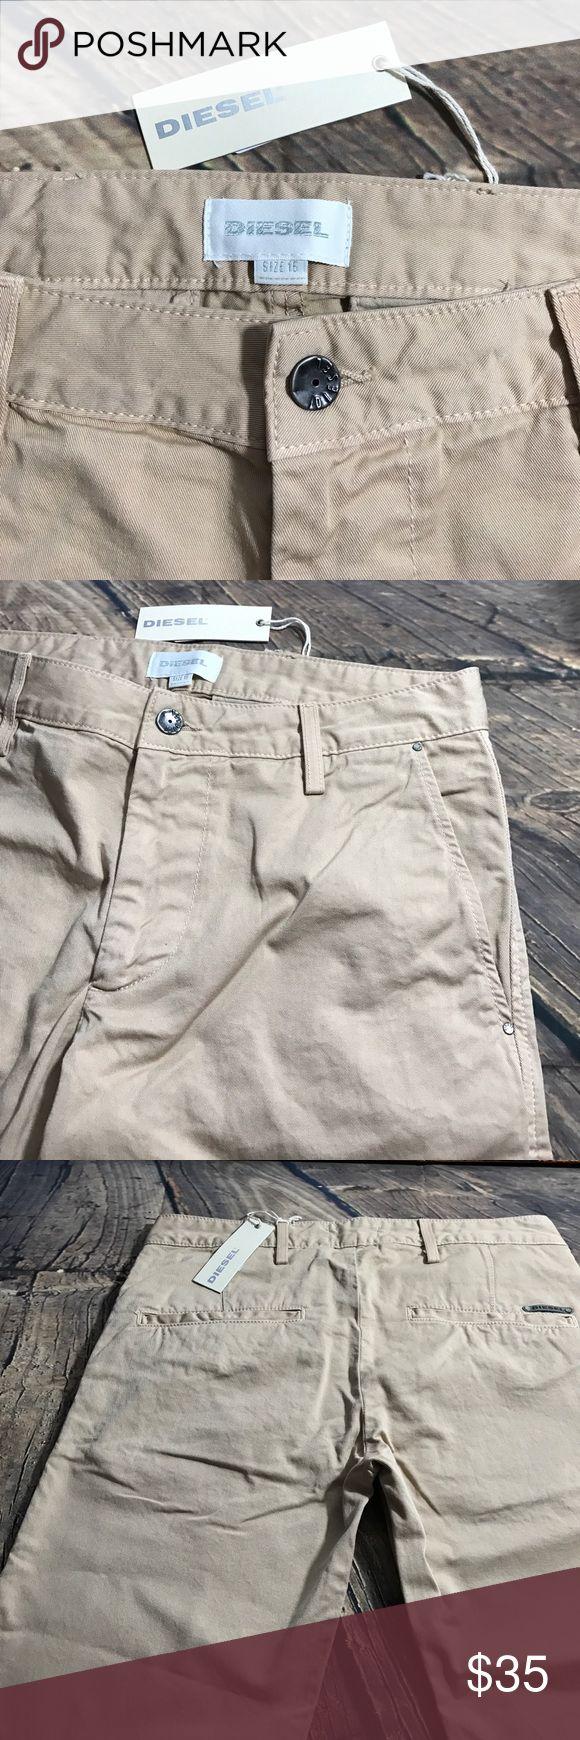 """32"""" waist Diesel shorts Youth Boy Khaki shorts Youth boy shorts with 10 1/2"""" inseam and 32 waist New Diesel Khaki shorts Diesel Bottoms Shorts"""